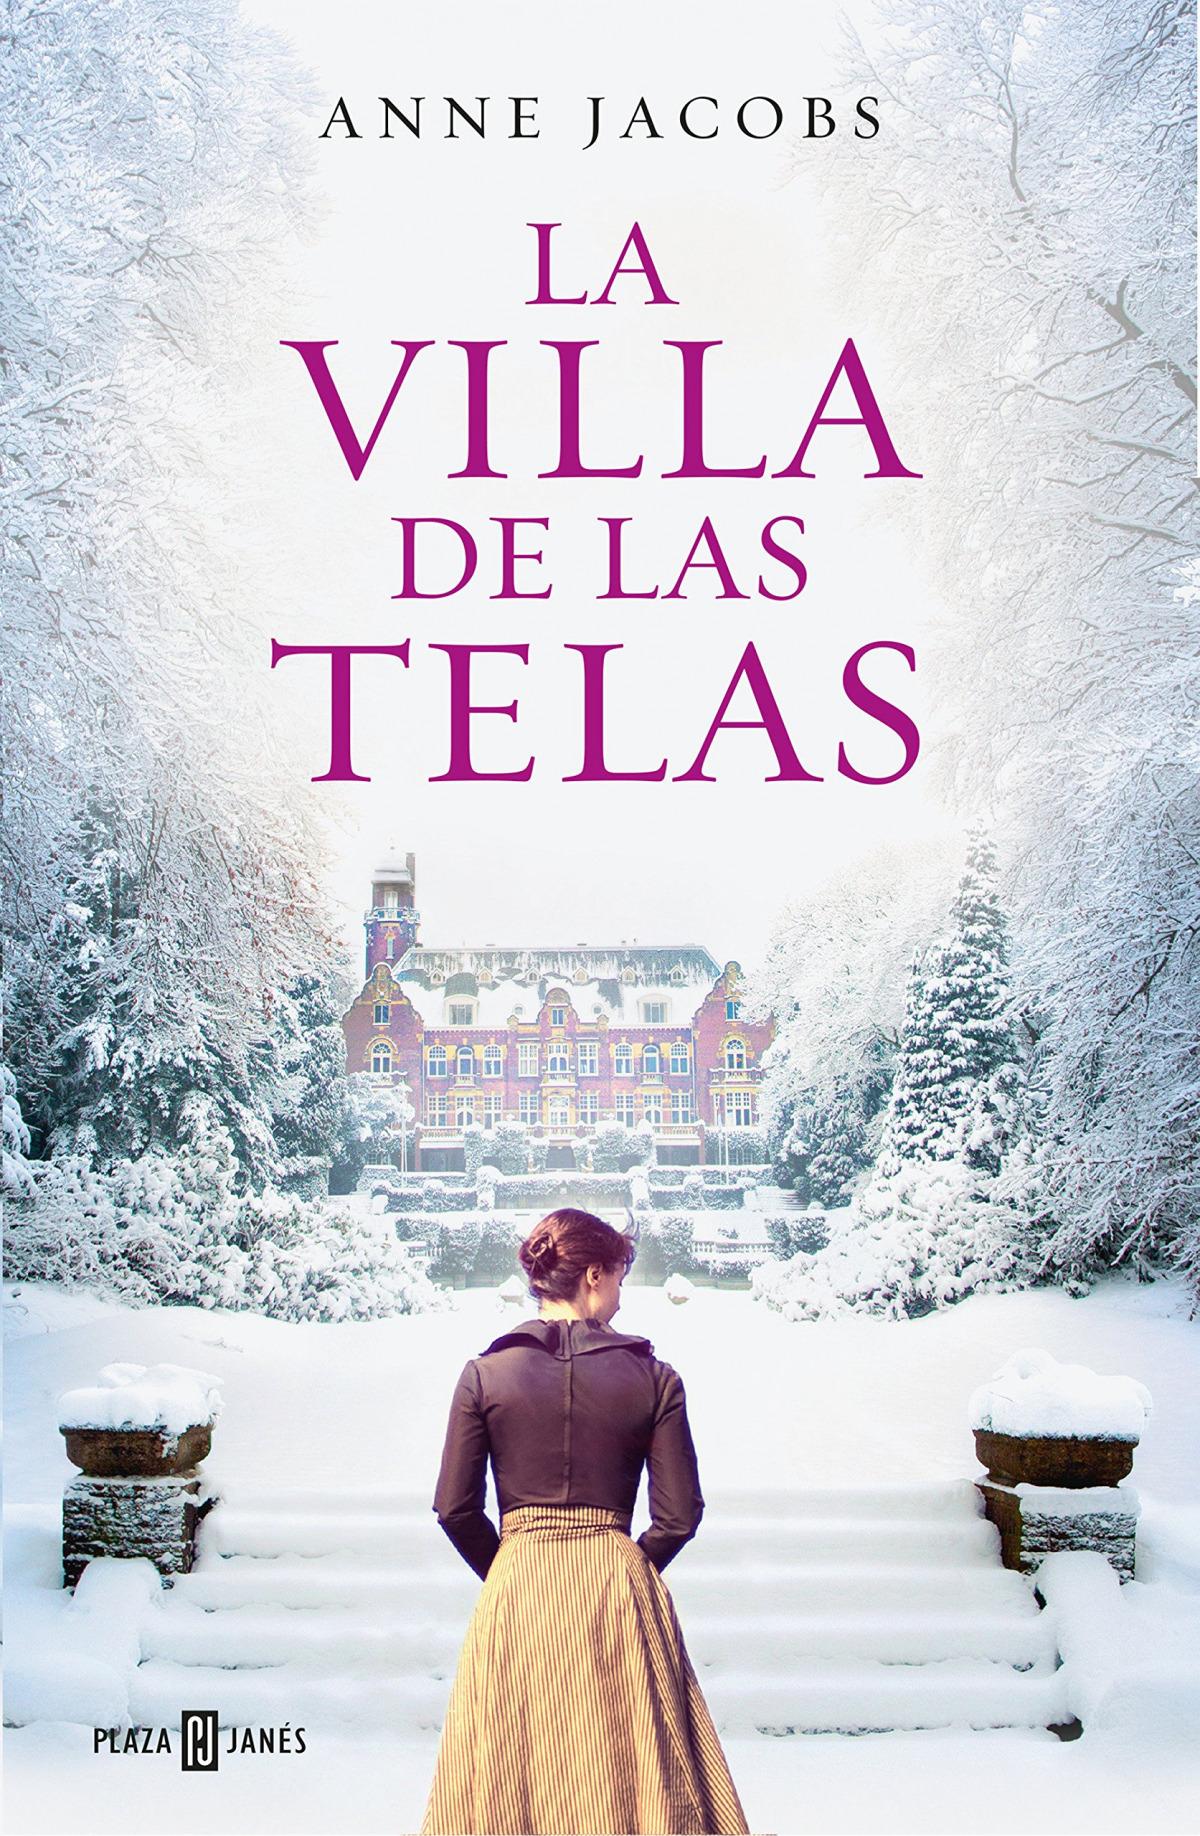 LA VILLA DE LAS TELAS 9788401020520